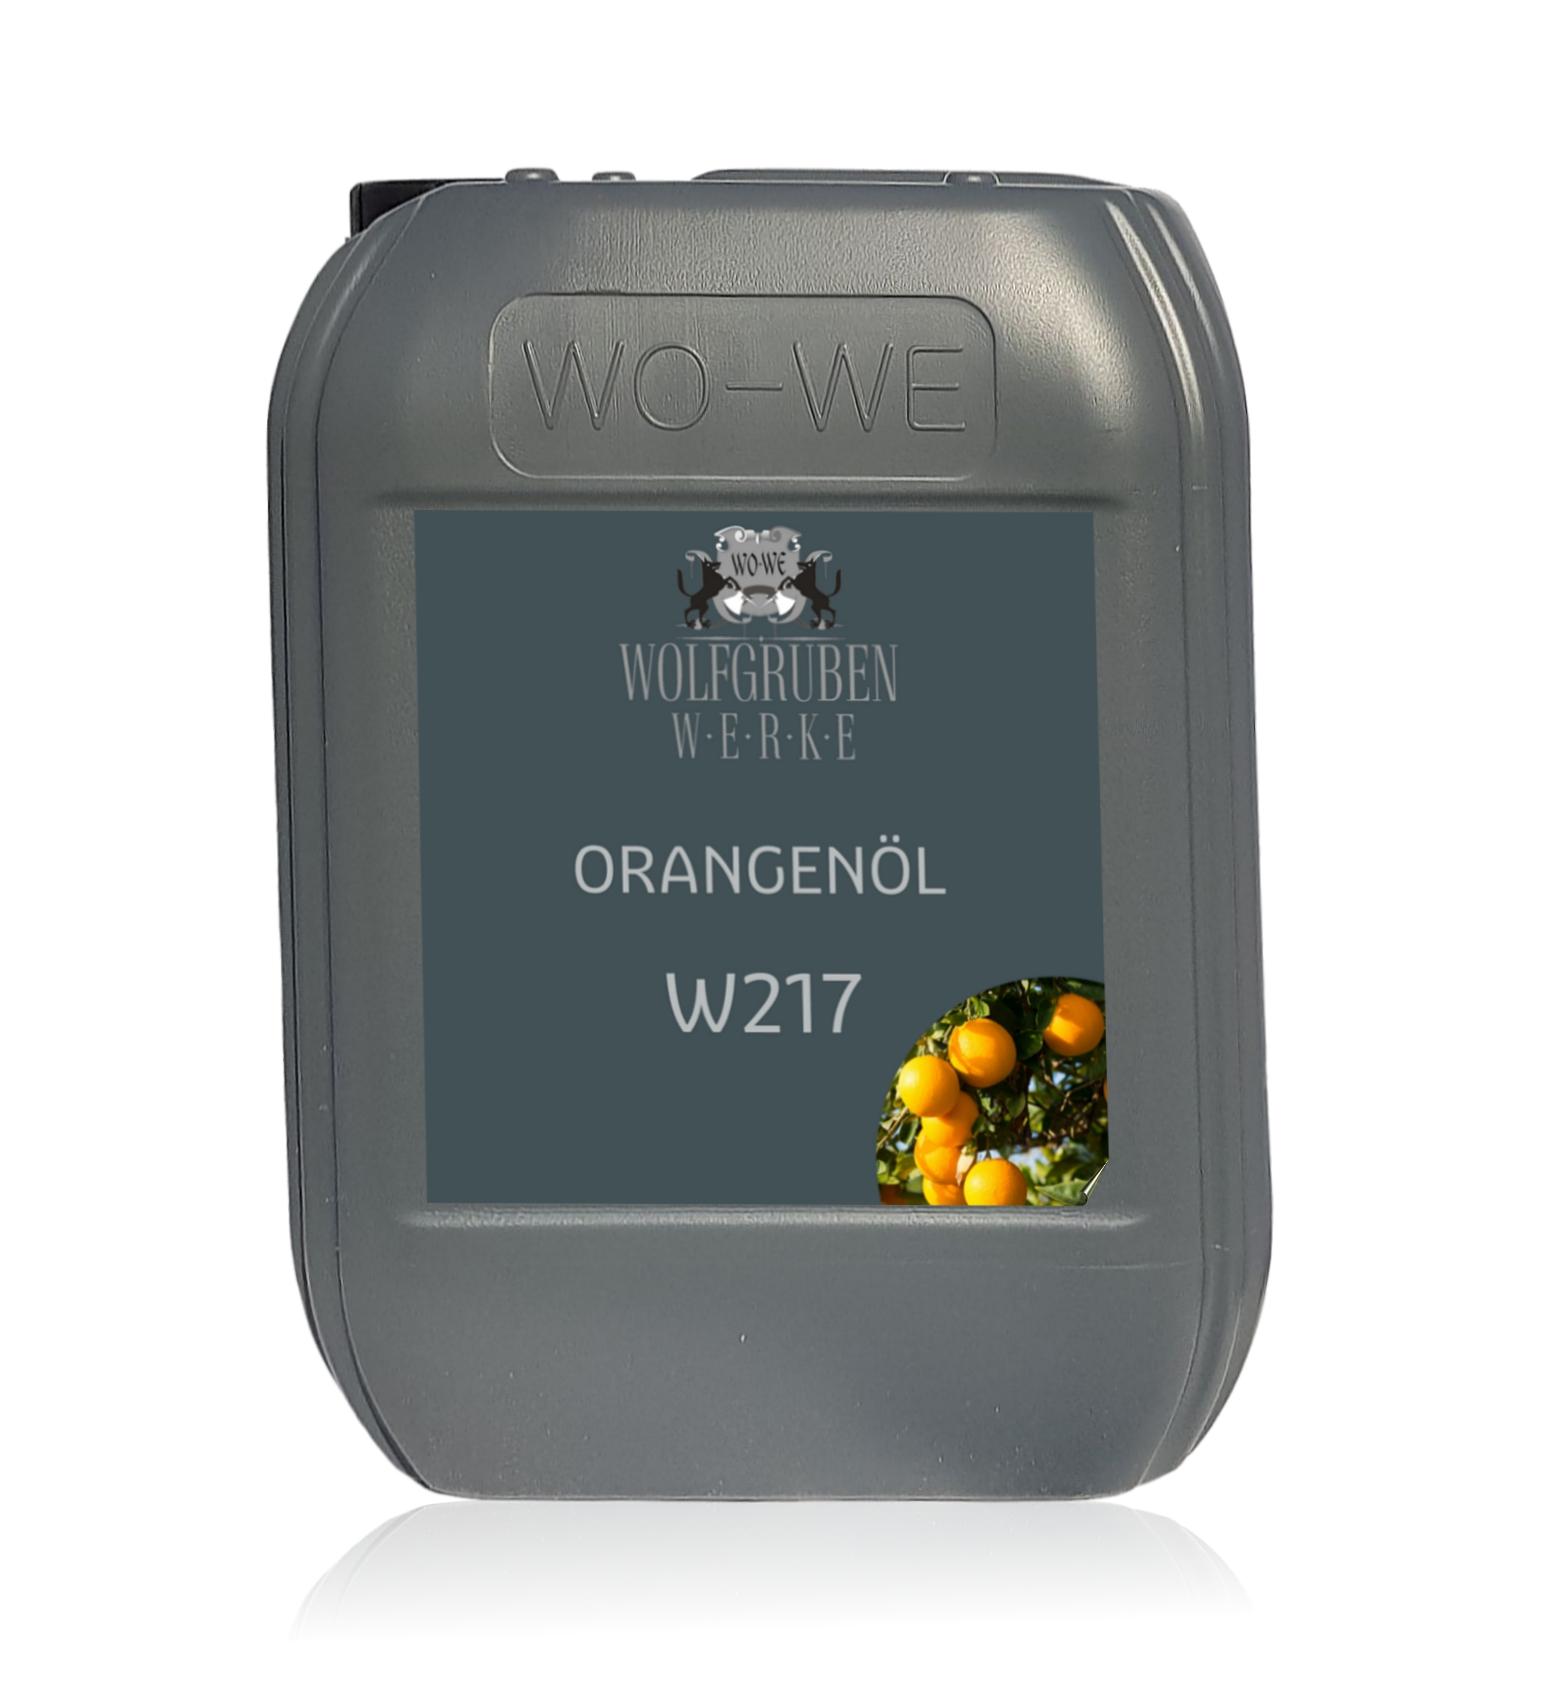 W217.jpg?dl=0